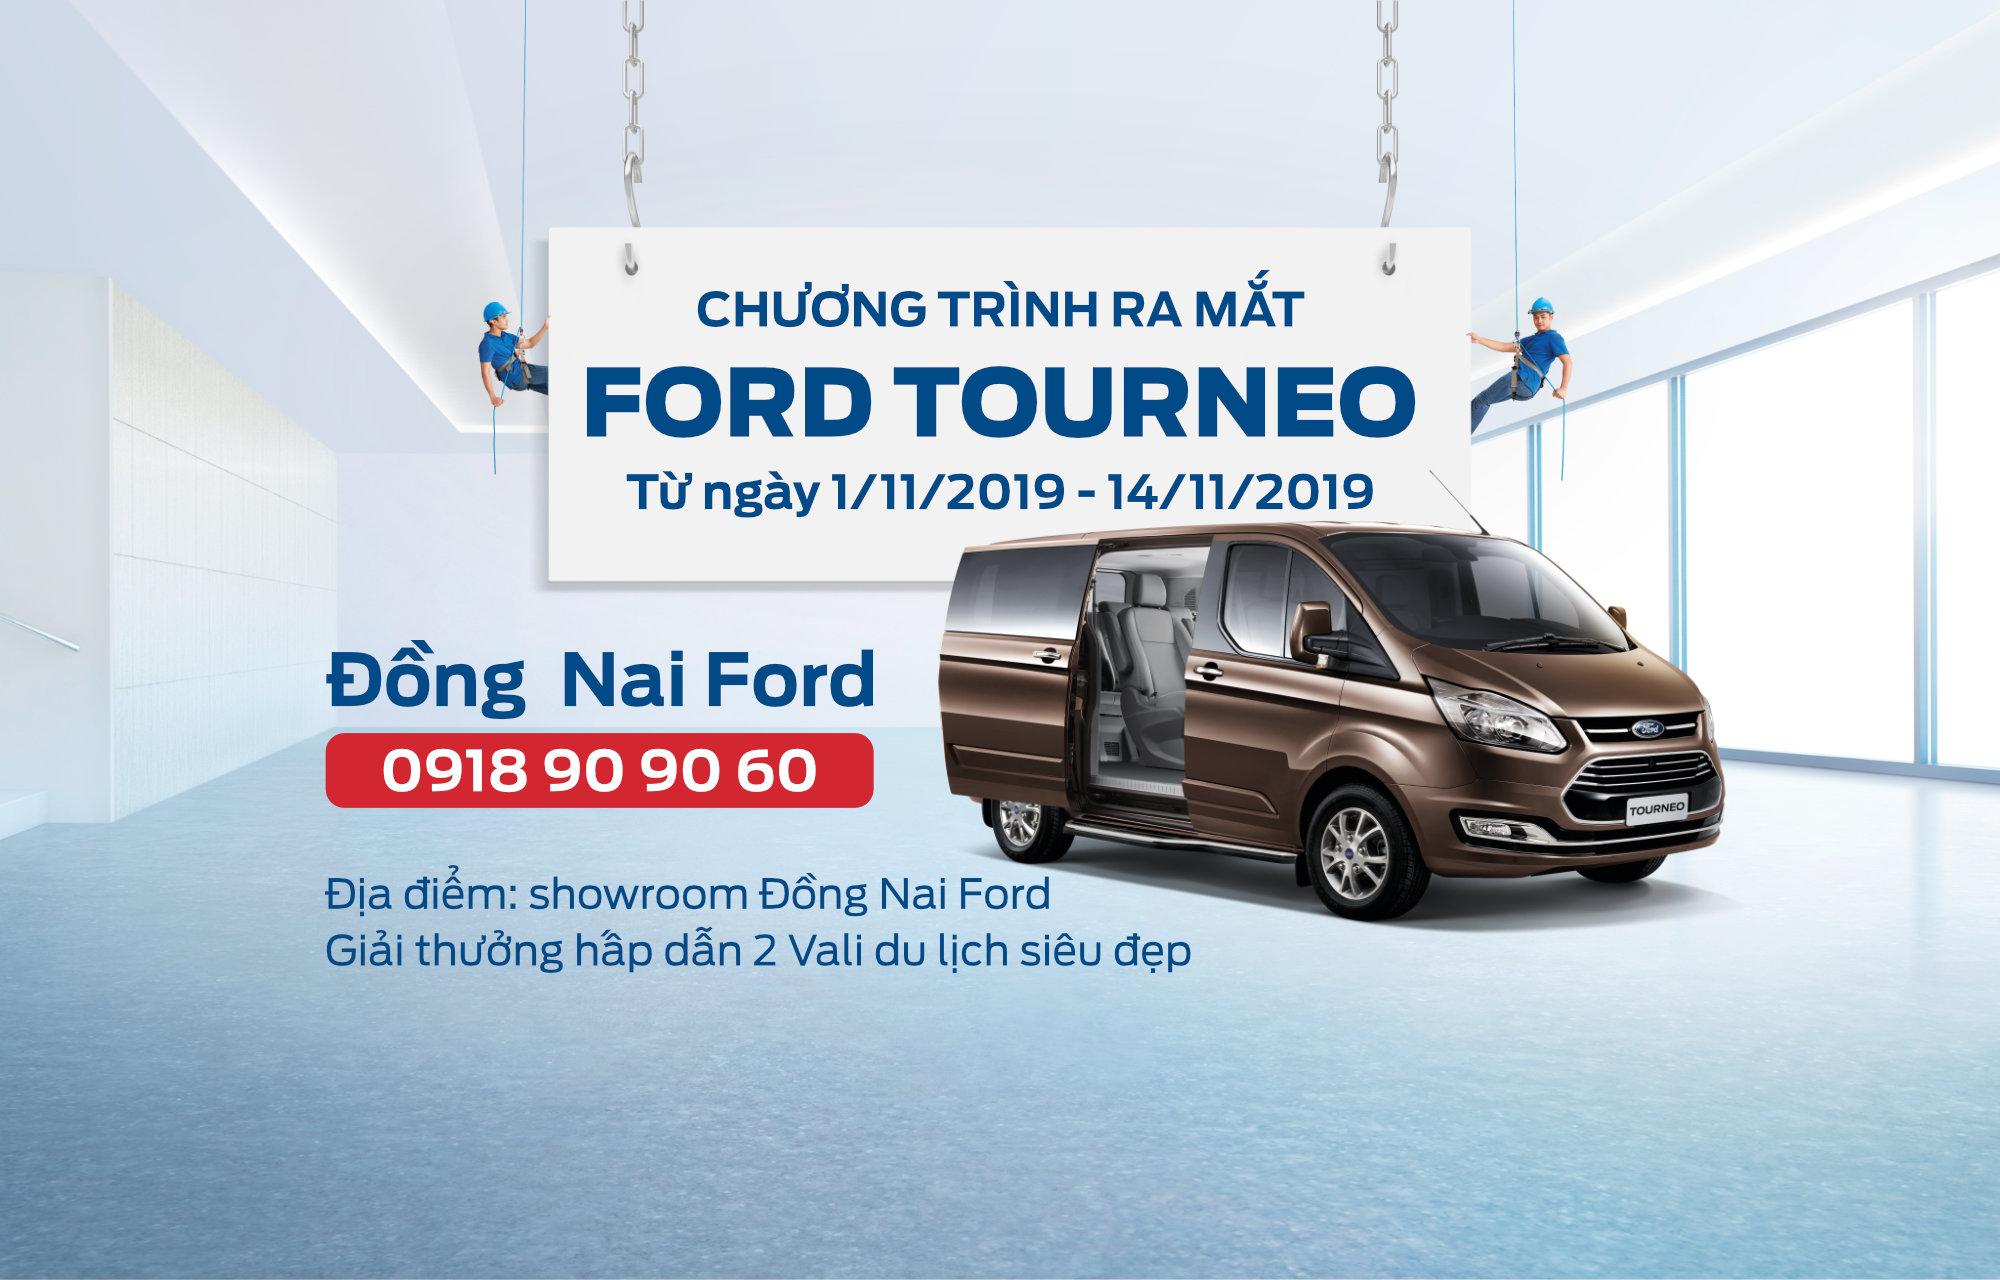 dong-nai-ford